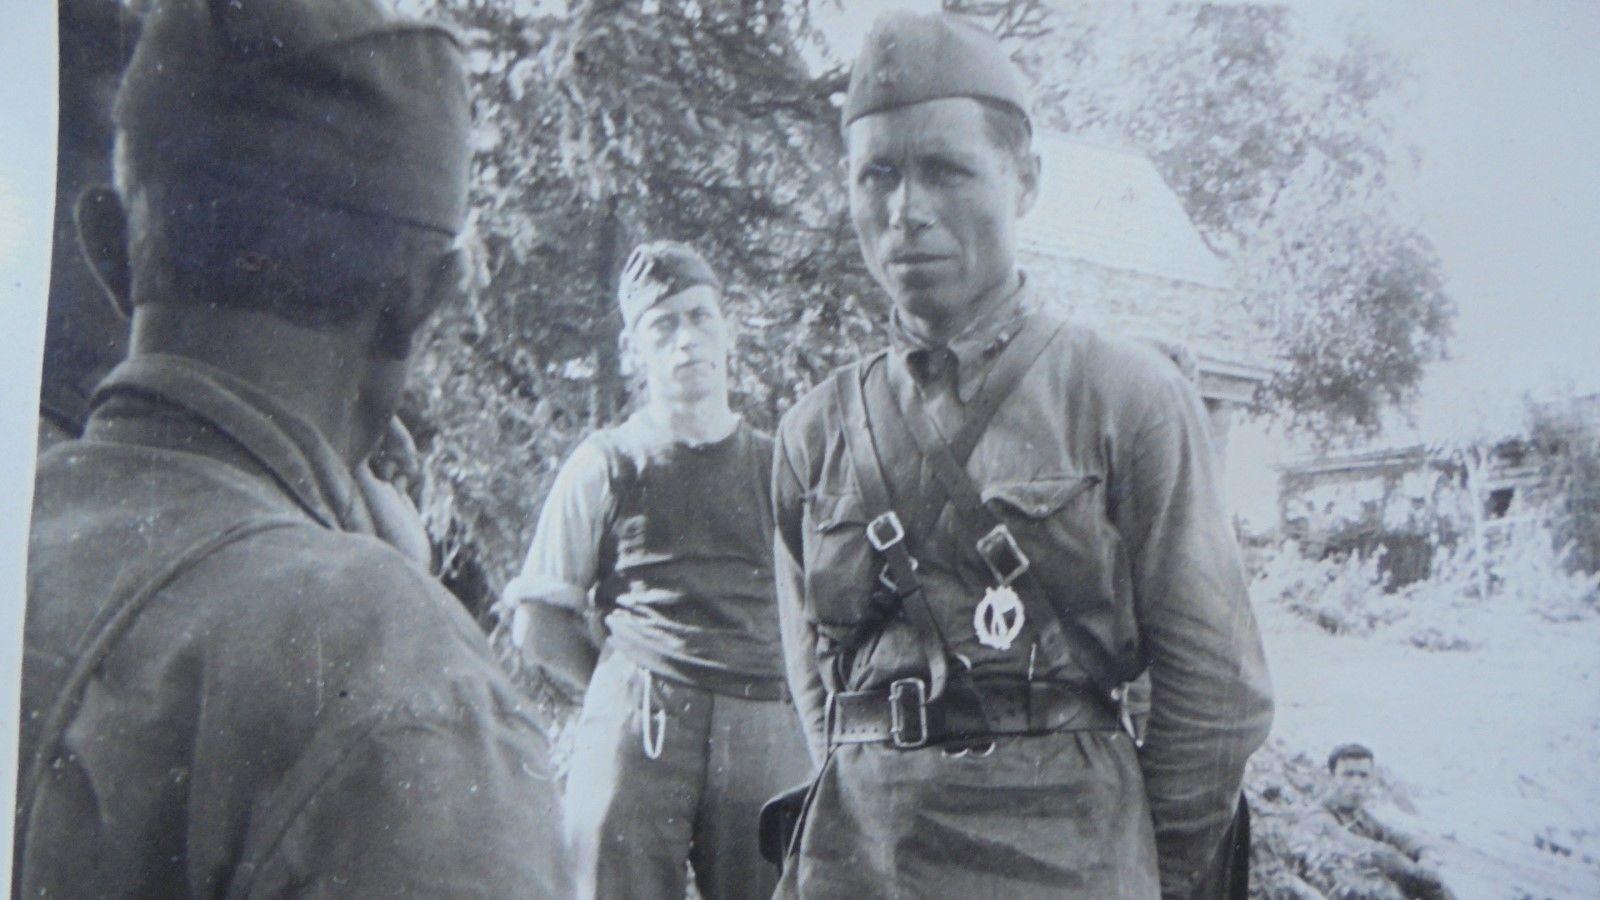 Русская национальная народная армия. «Особое соединение «Седая голова». 1942